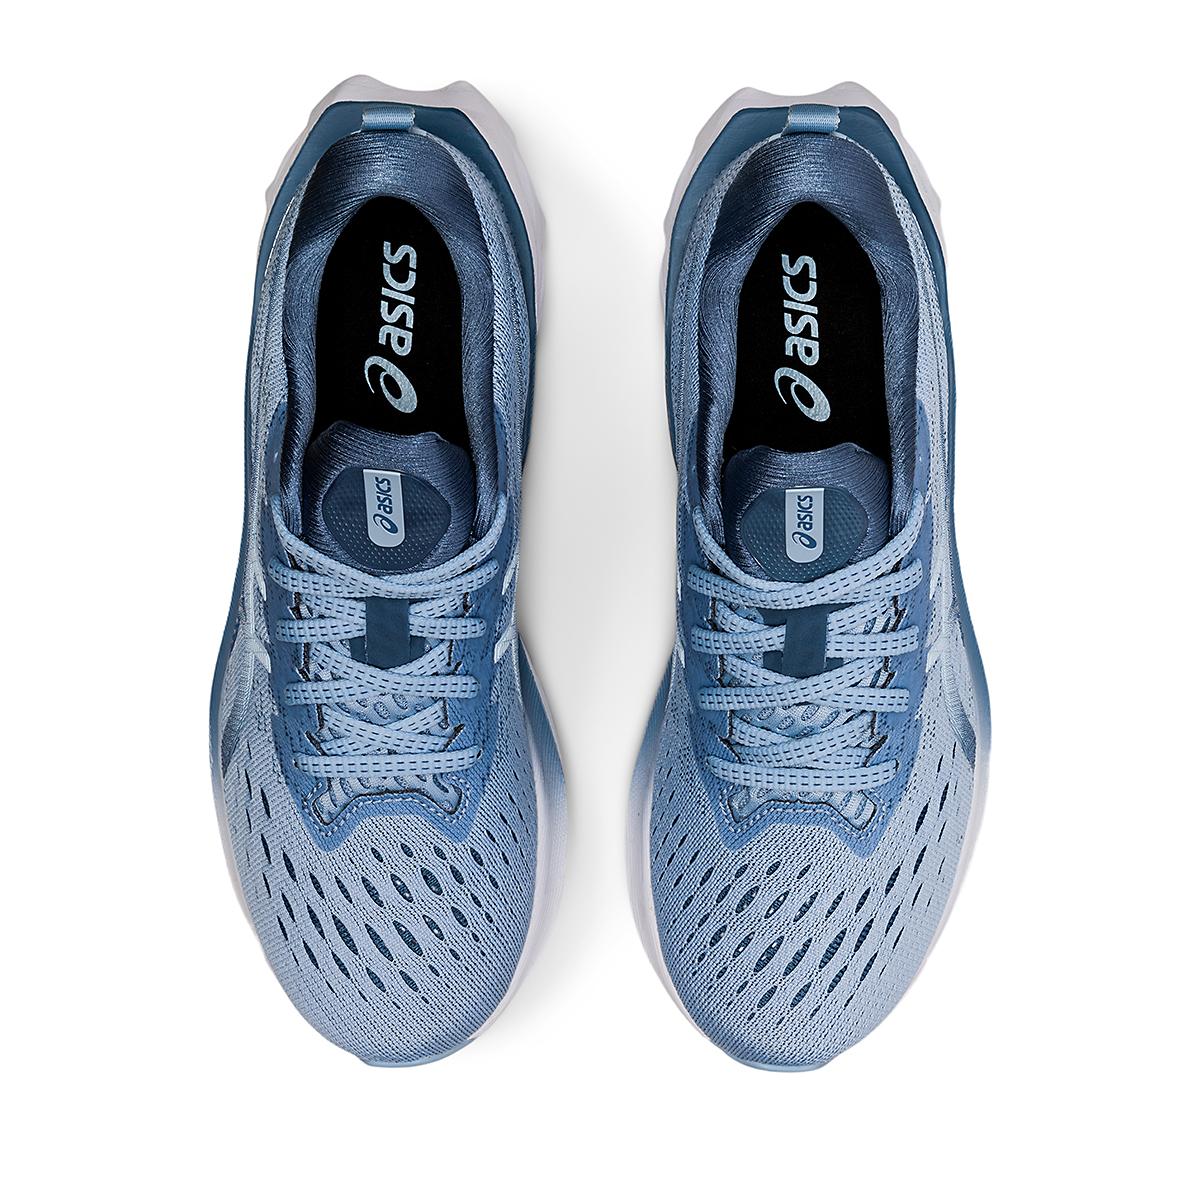 Women's Asics Novablast 2 Running Shoe - Color: Mist/Soft Sky - Size: 5 - Width: Regular, Mist/Soft Sky, large, image 5